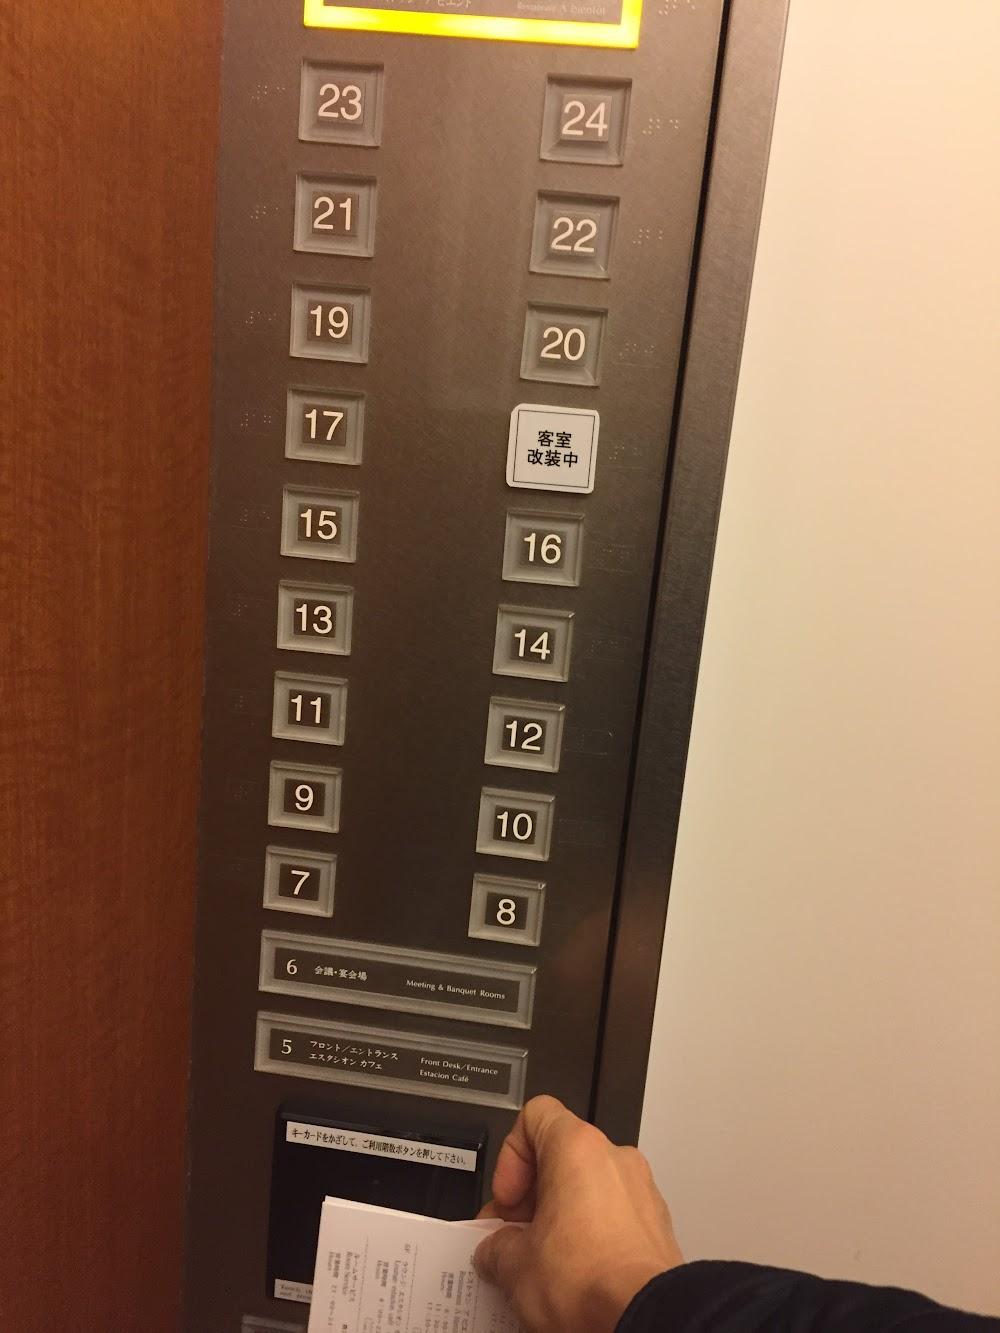 자기방만 갈 수 있는 호텔 엘레베이터